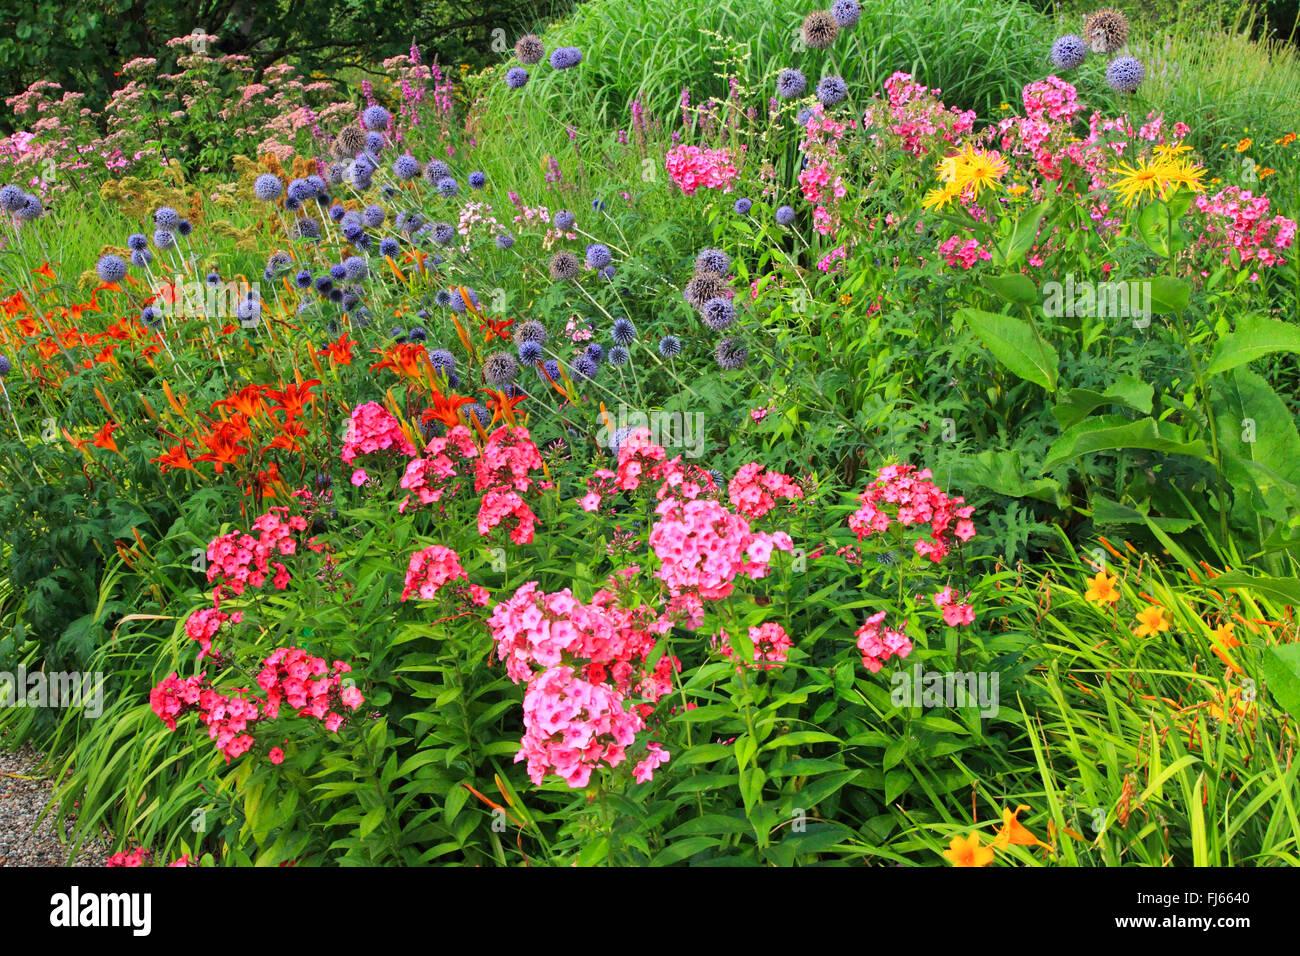 Garden Phlox Phlox Paniculata Stock Photos Garden Phlox Phlox